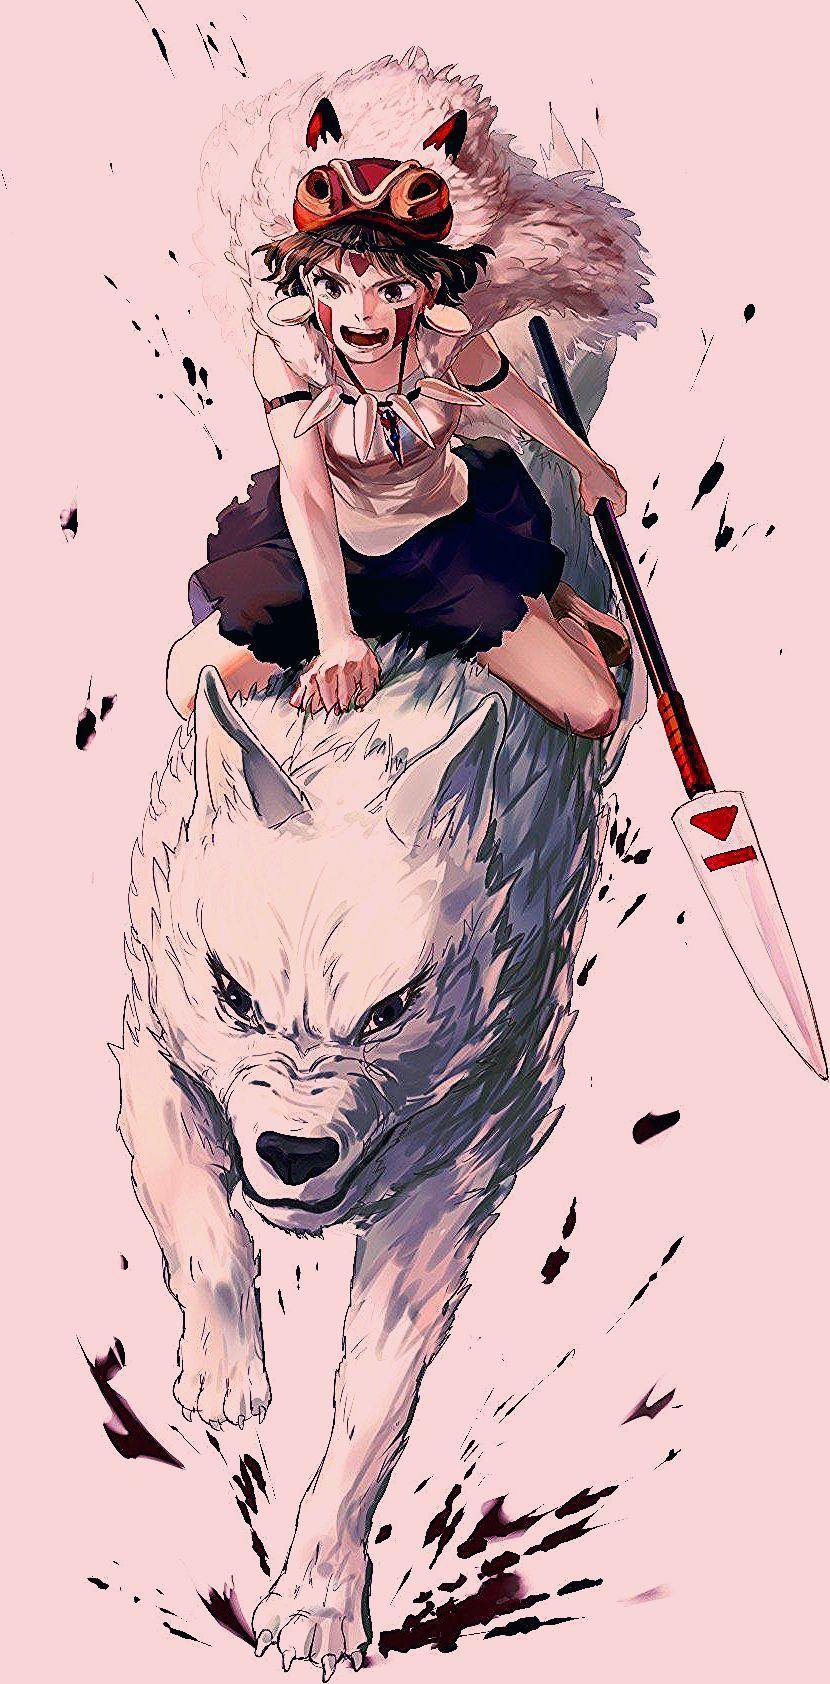 Anime Japanese Animation In 2020 Japanese Anime Japanese Animation Anime